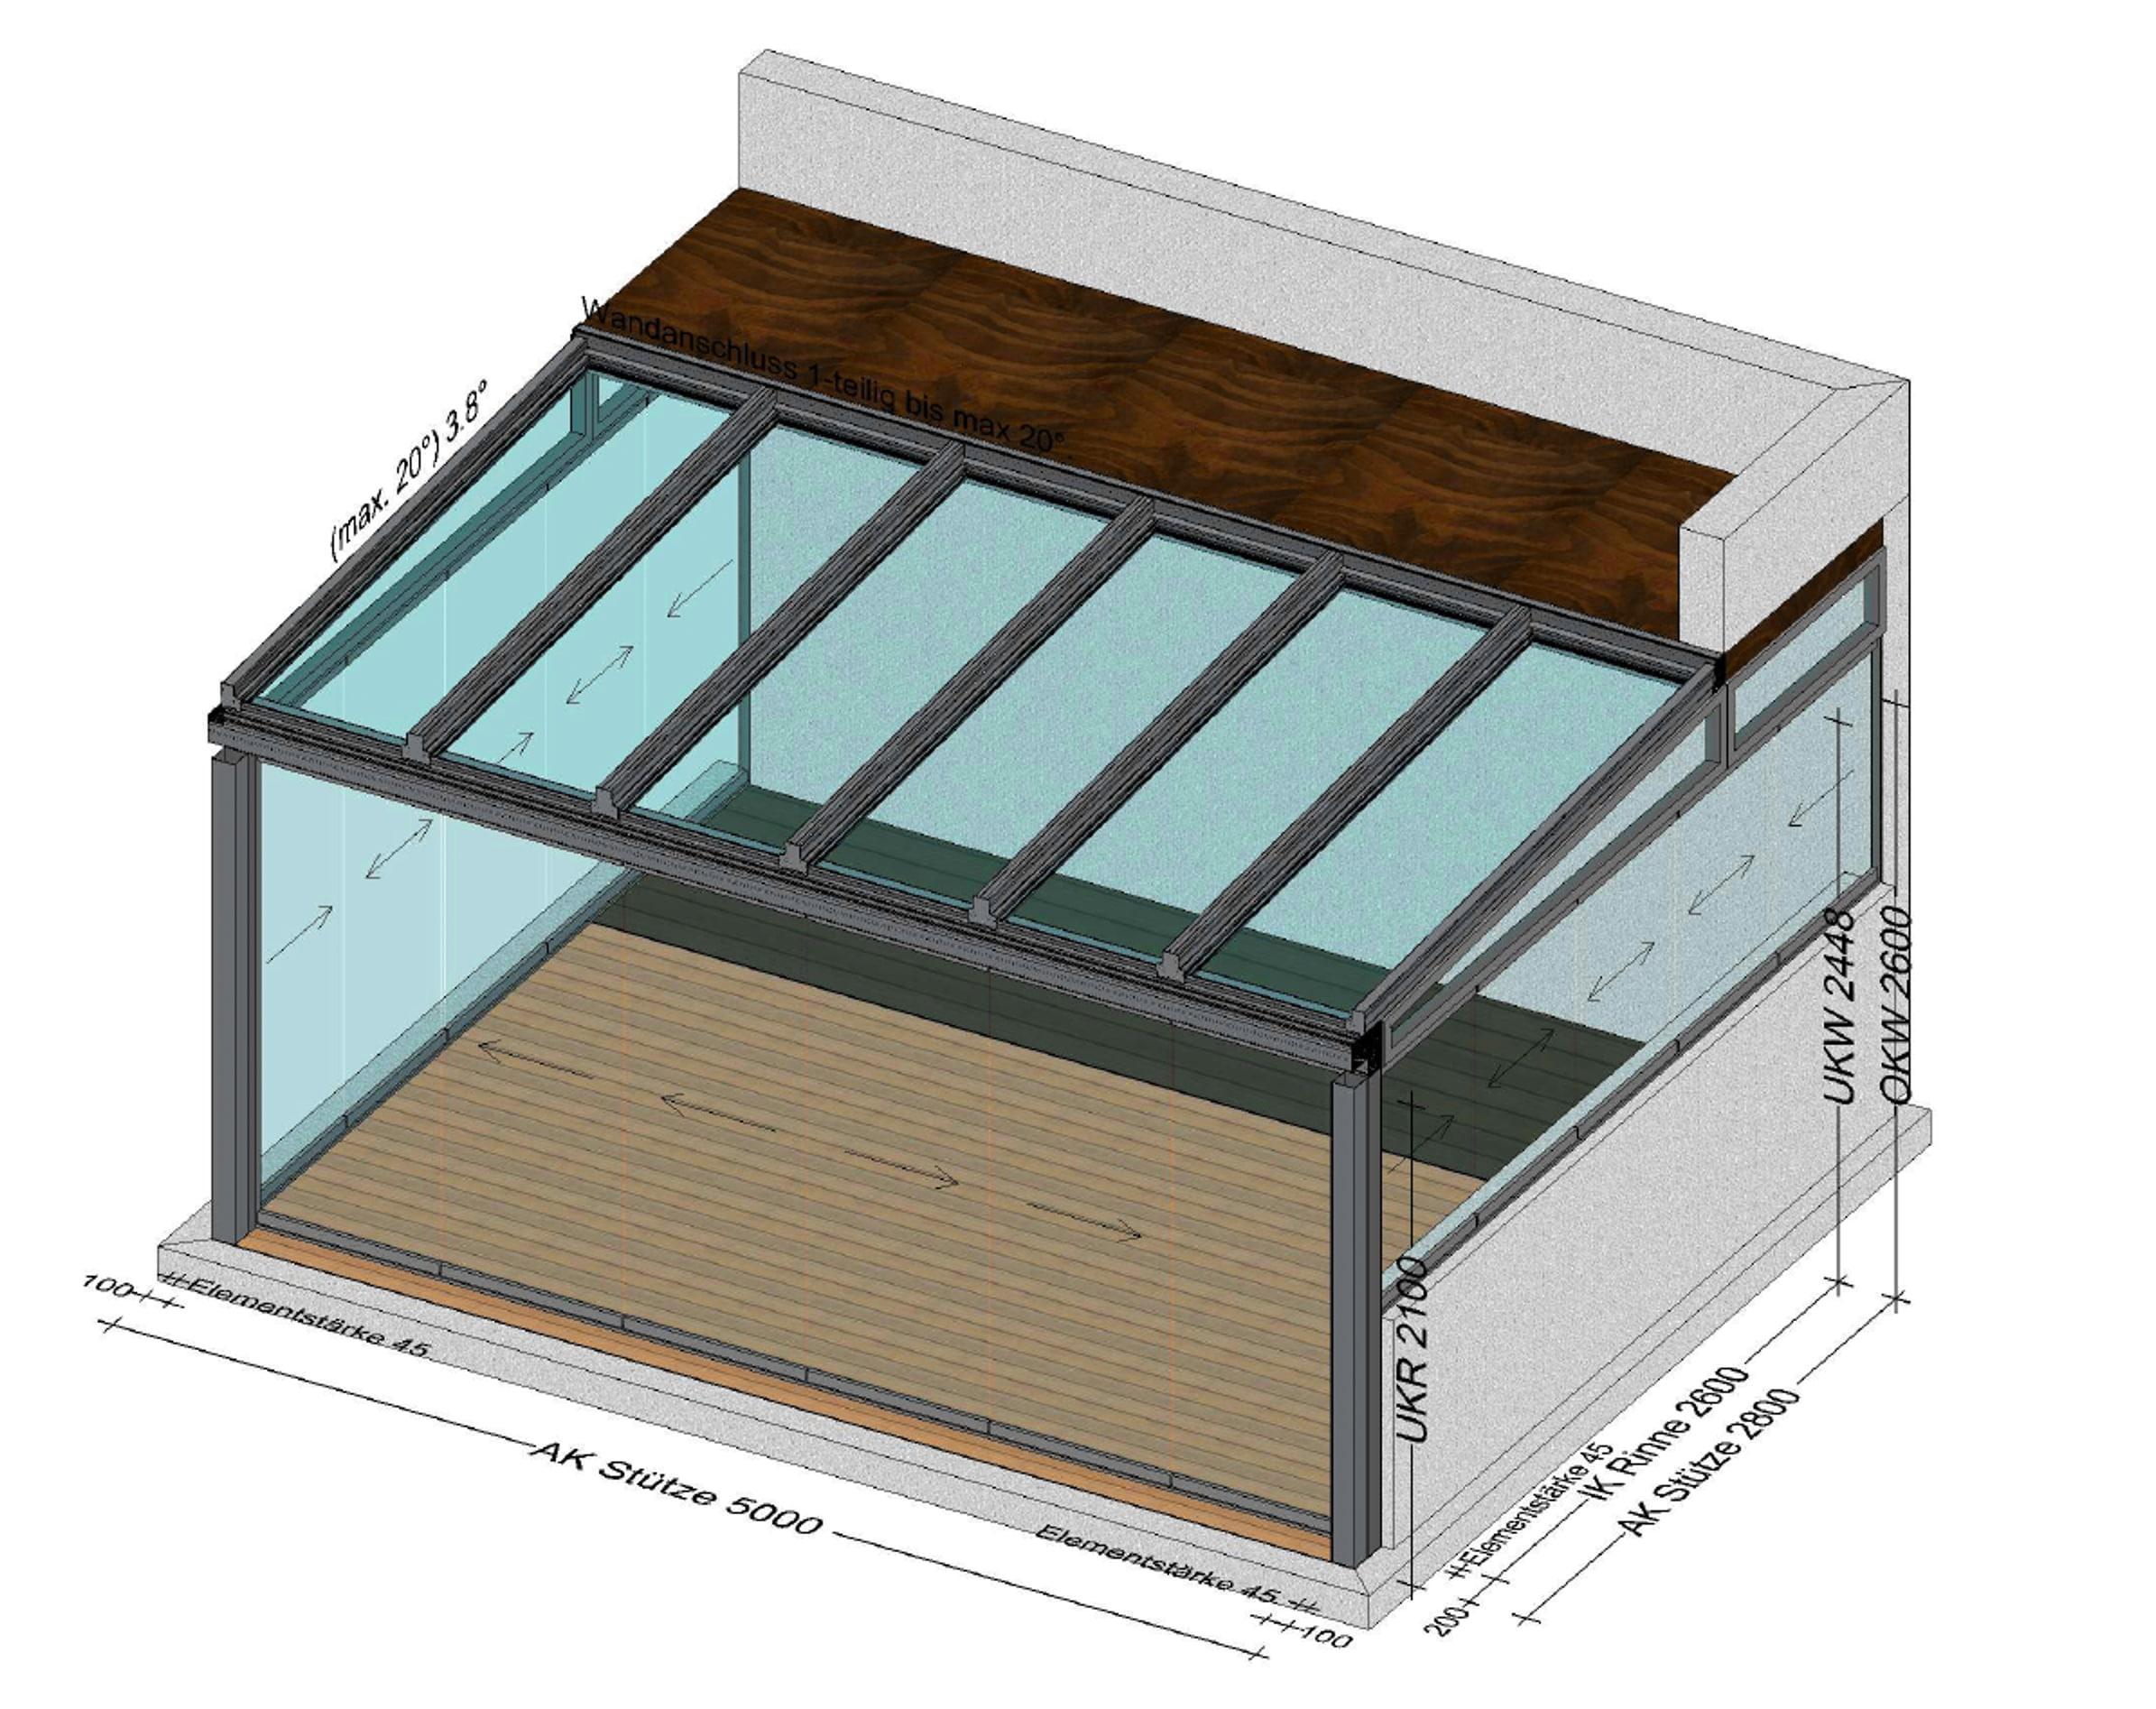 Sommergarten mit Sunflex Schiebesystemen SF 20